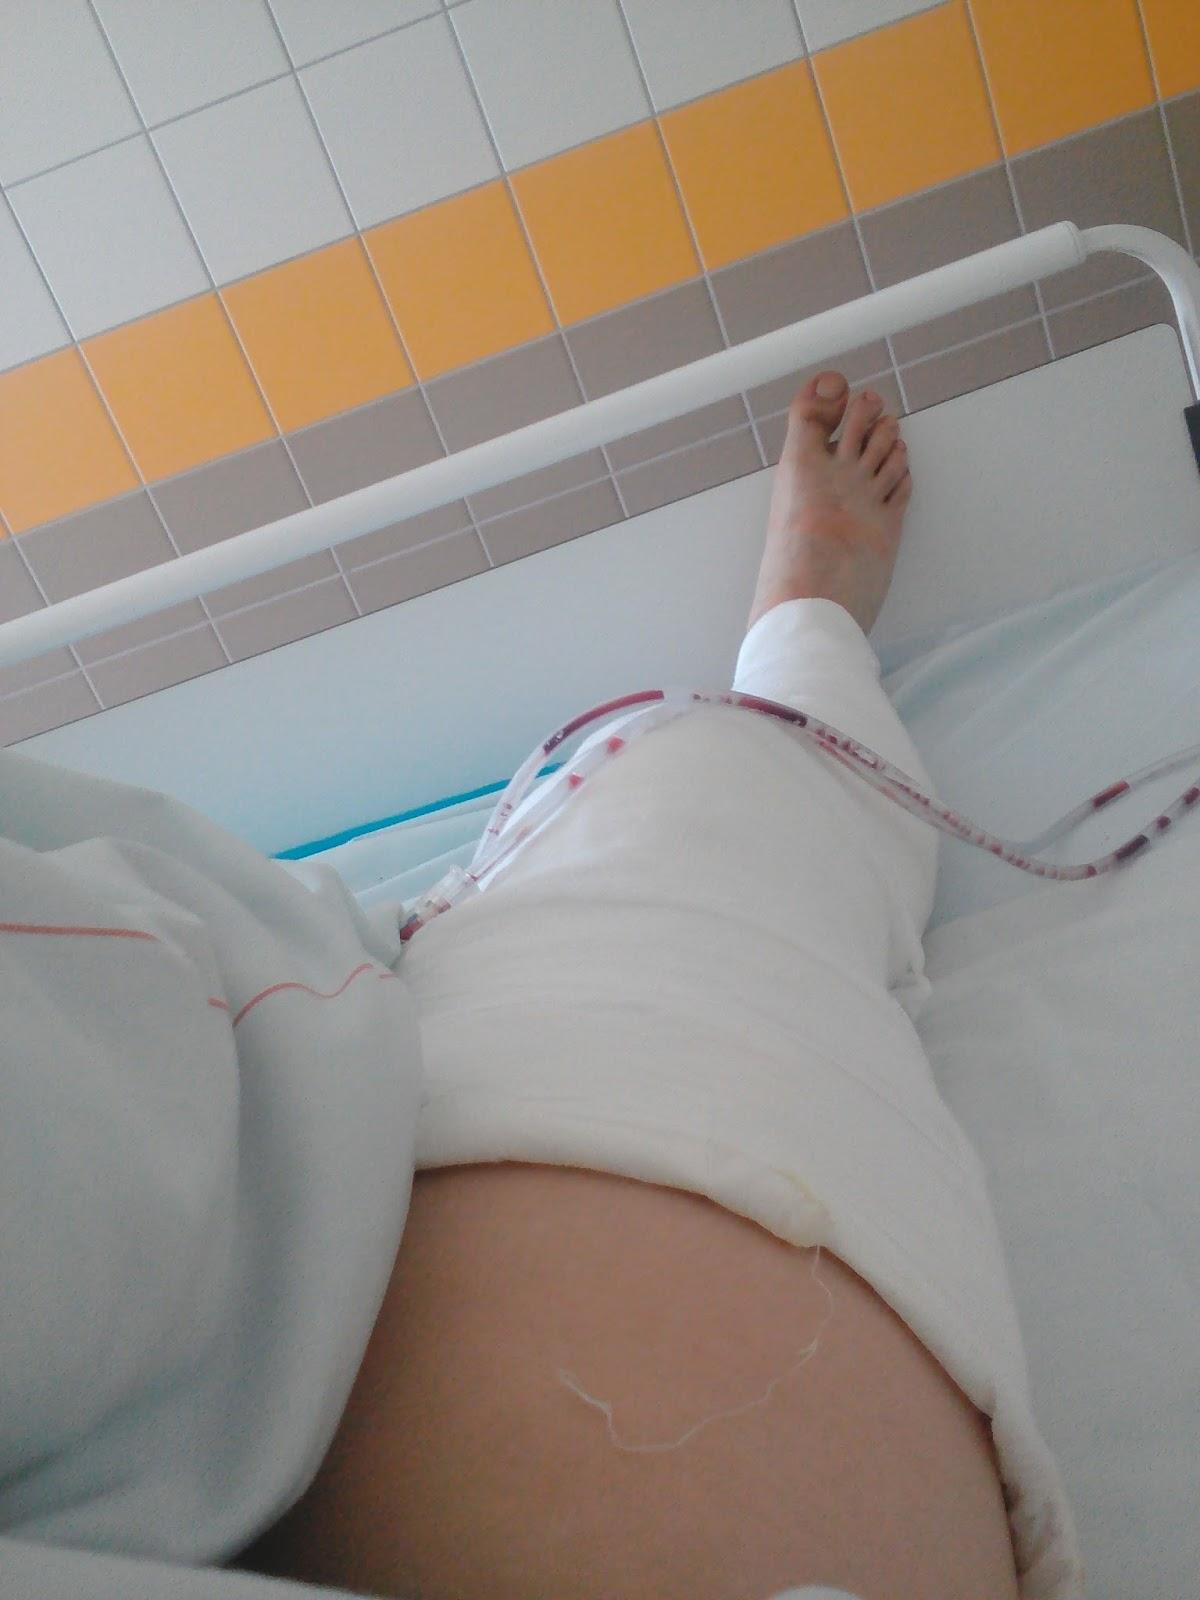 fáj térd sérülés után)